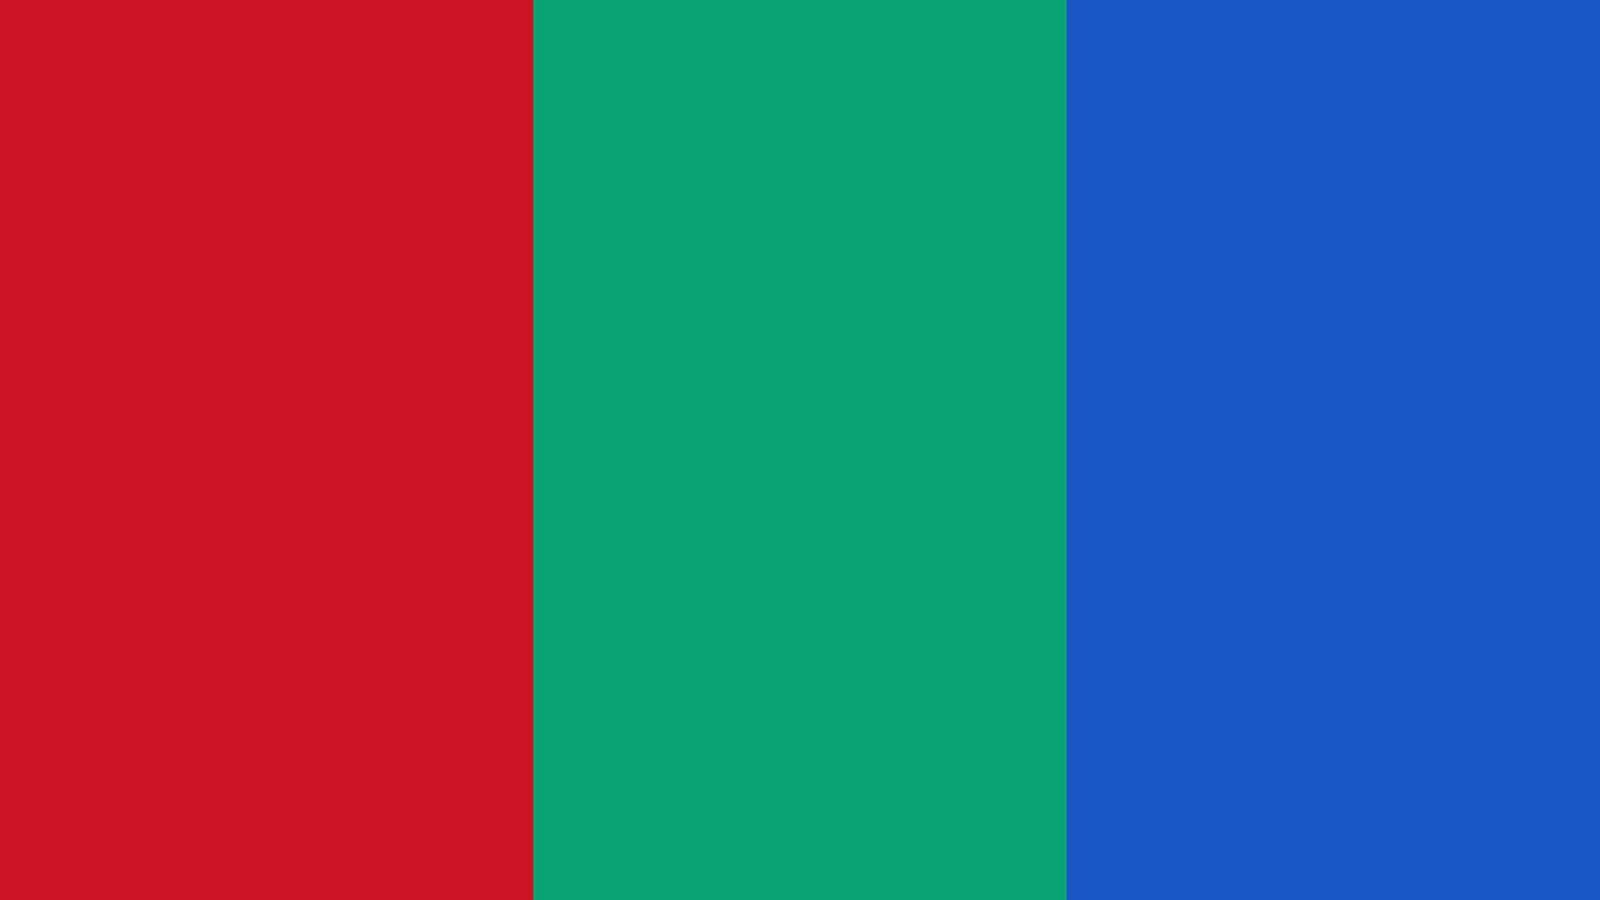 Трьох кольоровий прапор япония фото 331-225